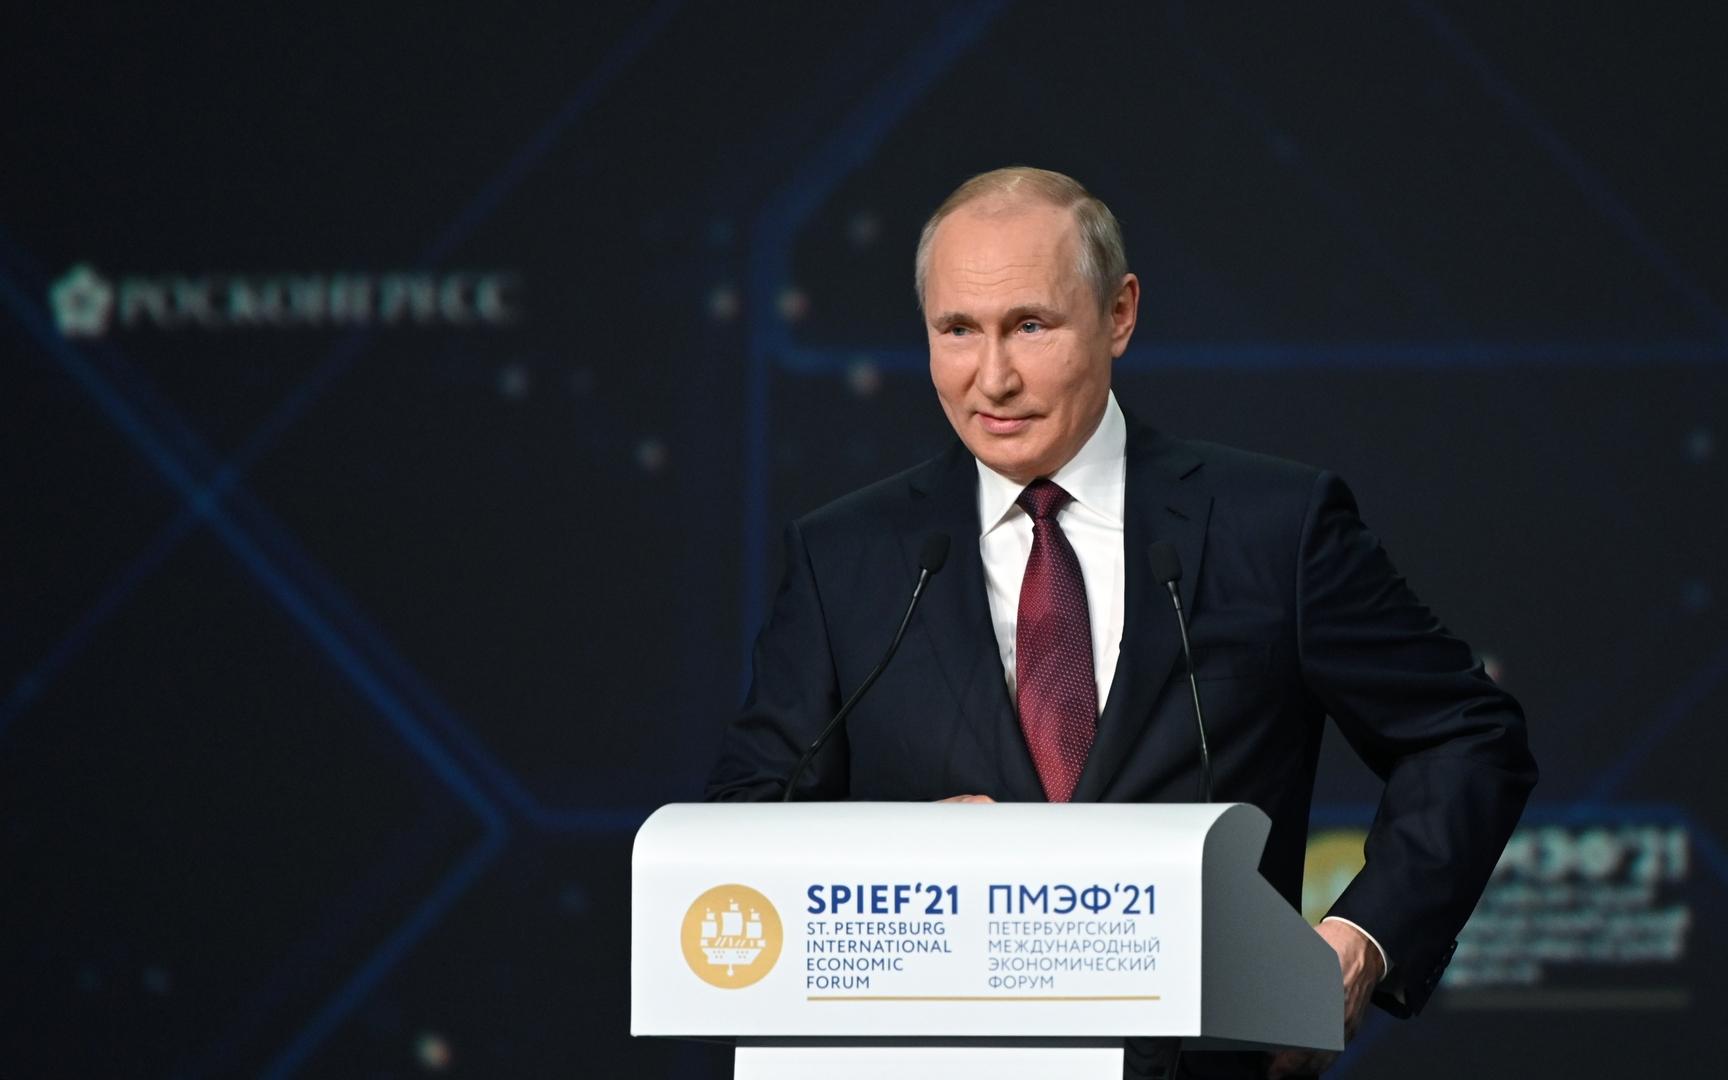 بوتين: البطالة في روسيا صعدت والدخل تراجع لكن لم تحدث كارثة